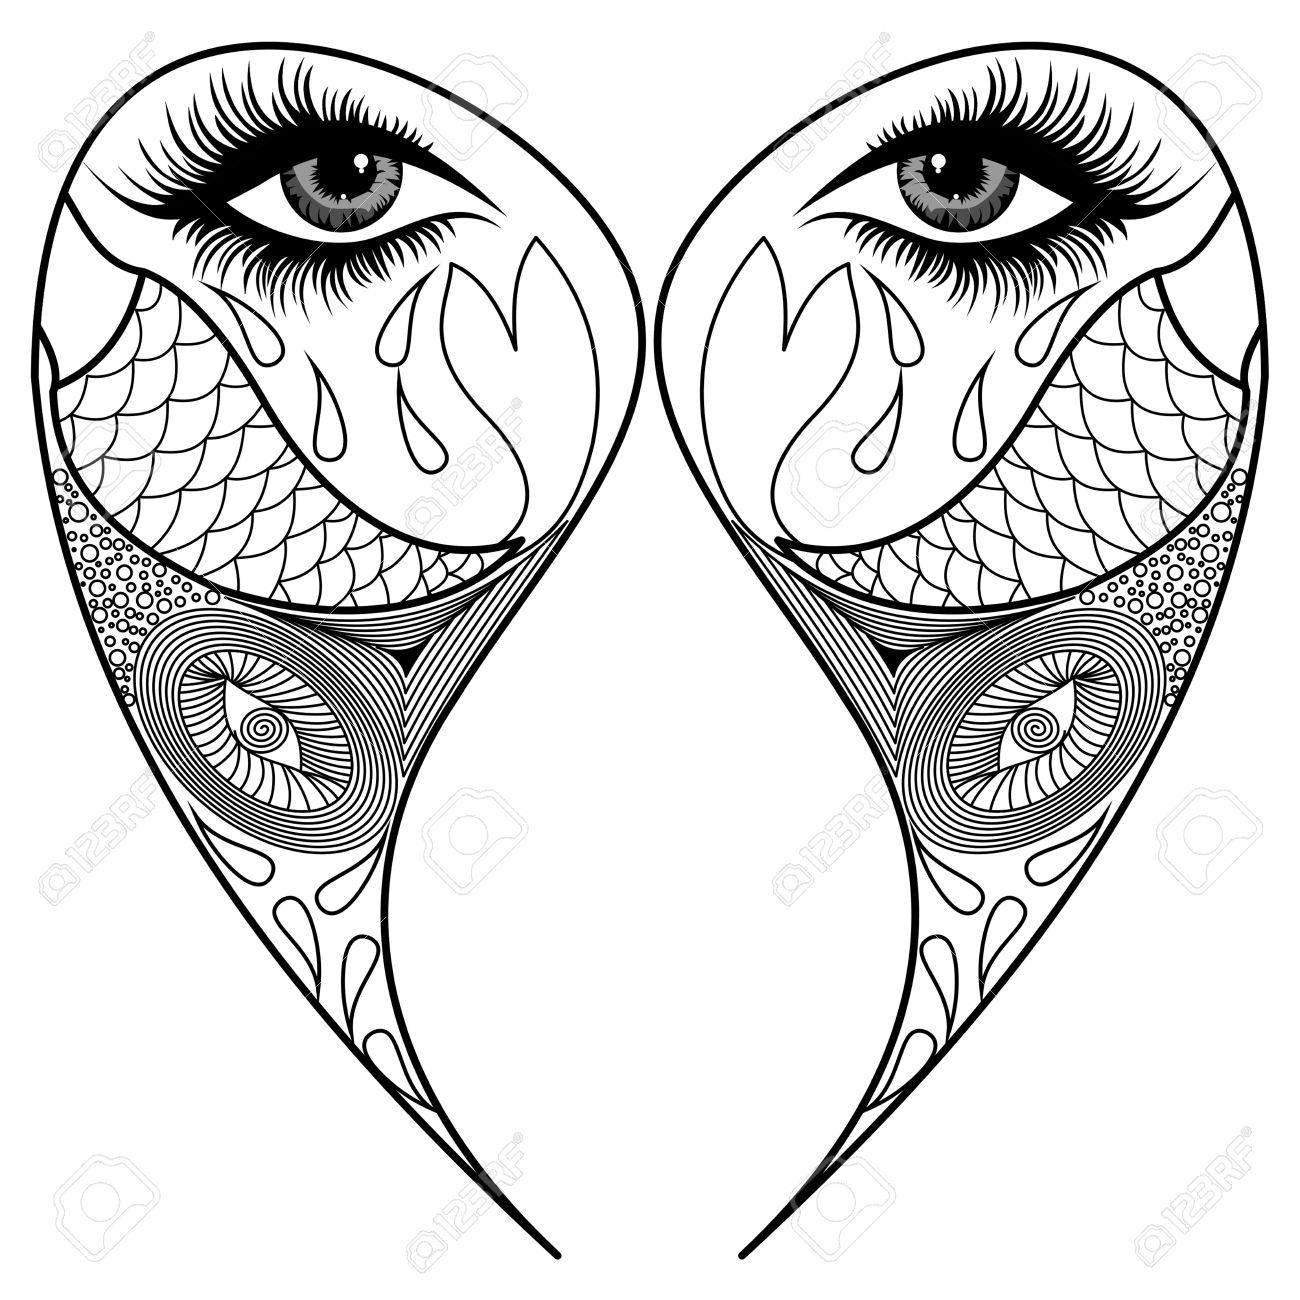 Blanco Y Negro Mandala, Páginas Para Colorear, Diseño De La Tela ...